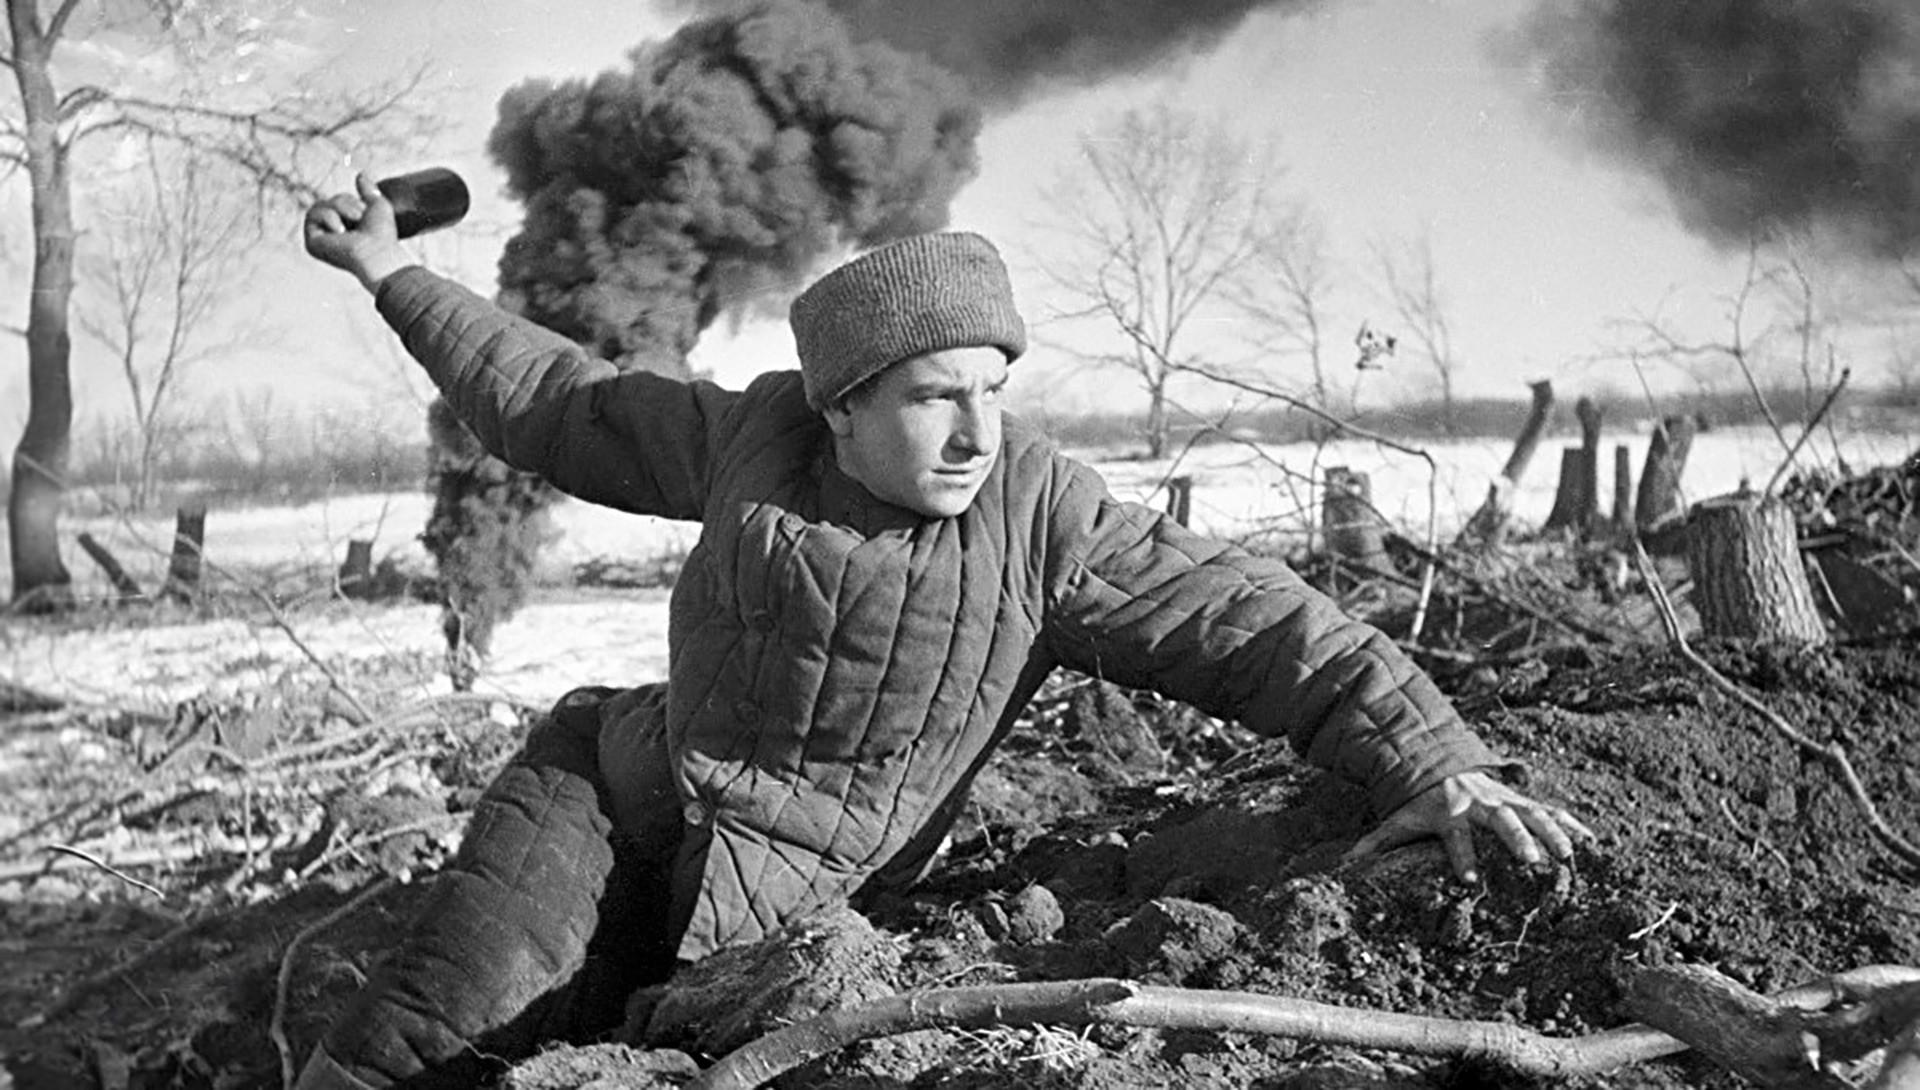 Војници Црвене армије пружили су немачким трупама снажан отпор.